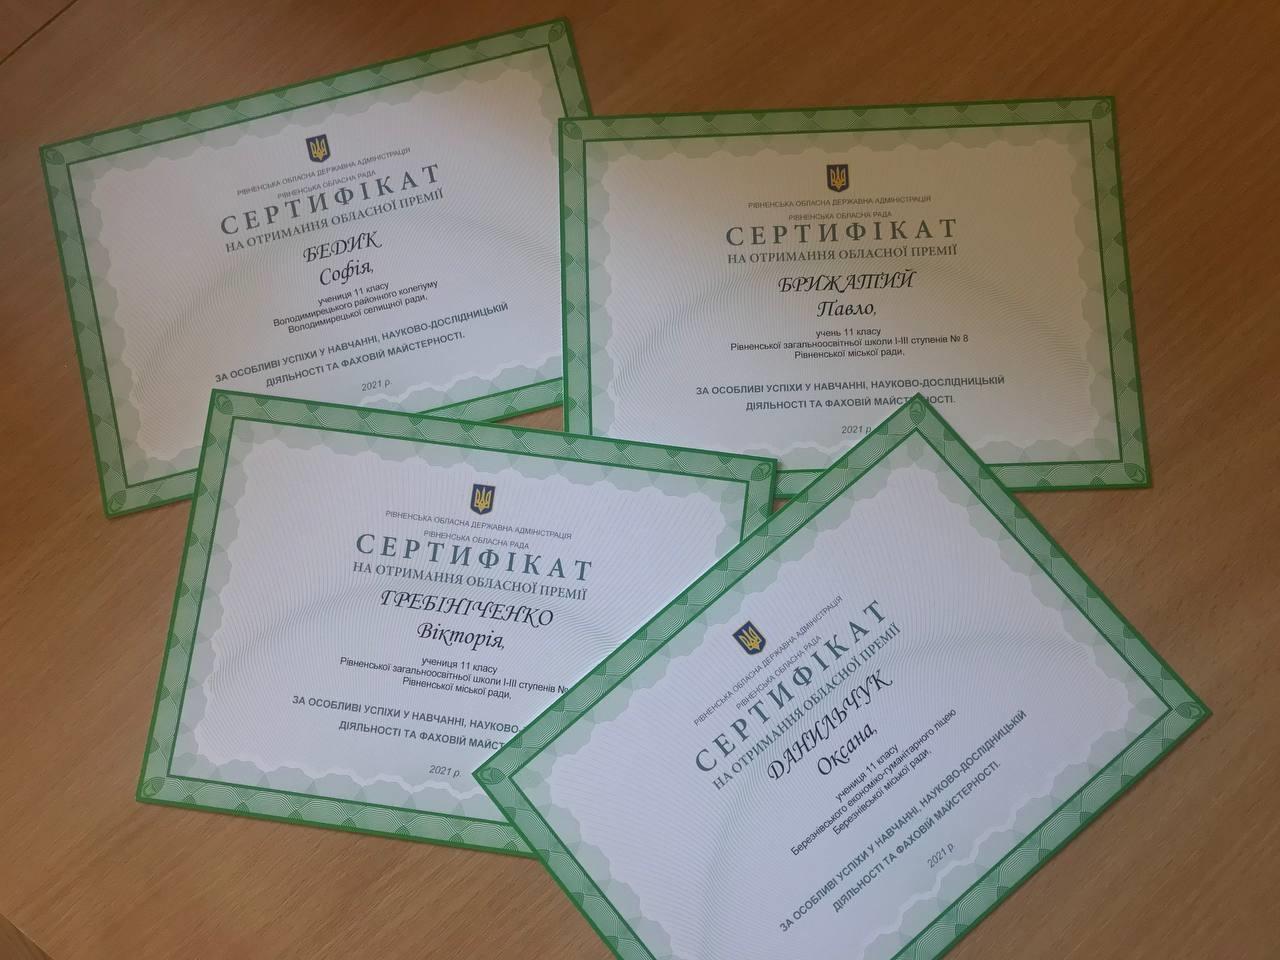 Урочисте вручення сертифікатів на отримання обласних премій